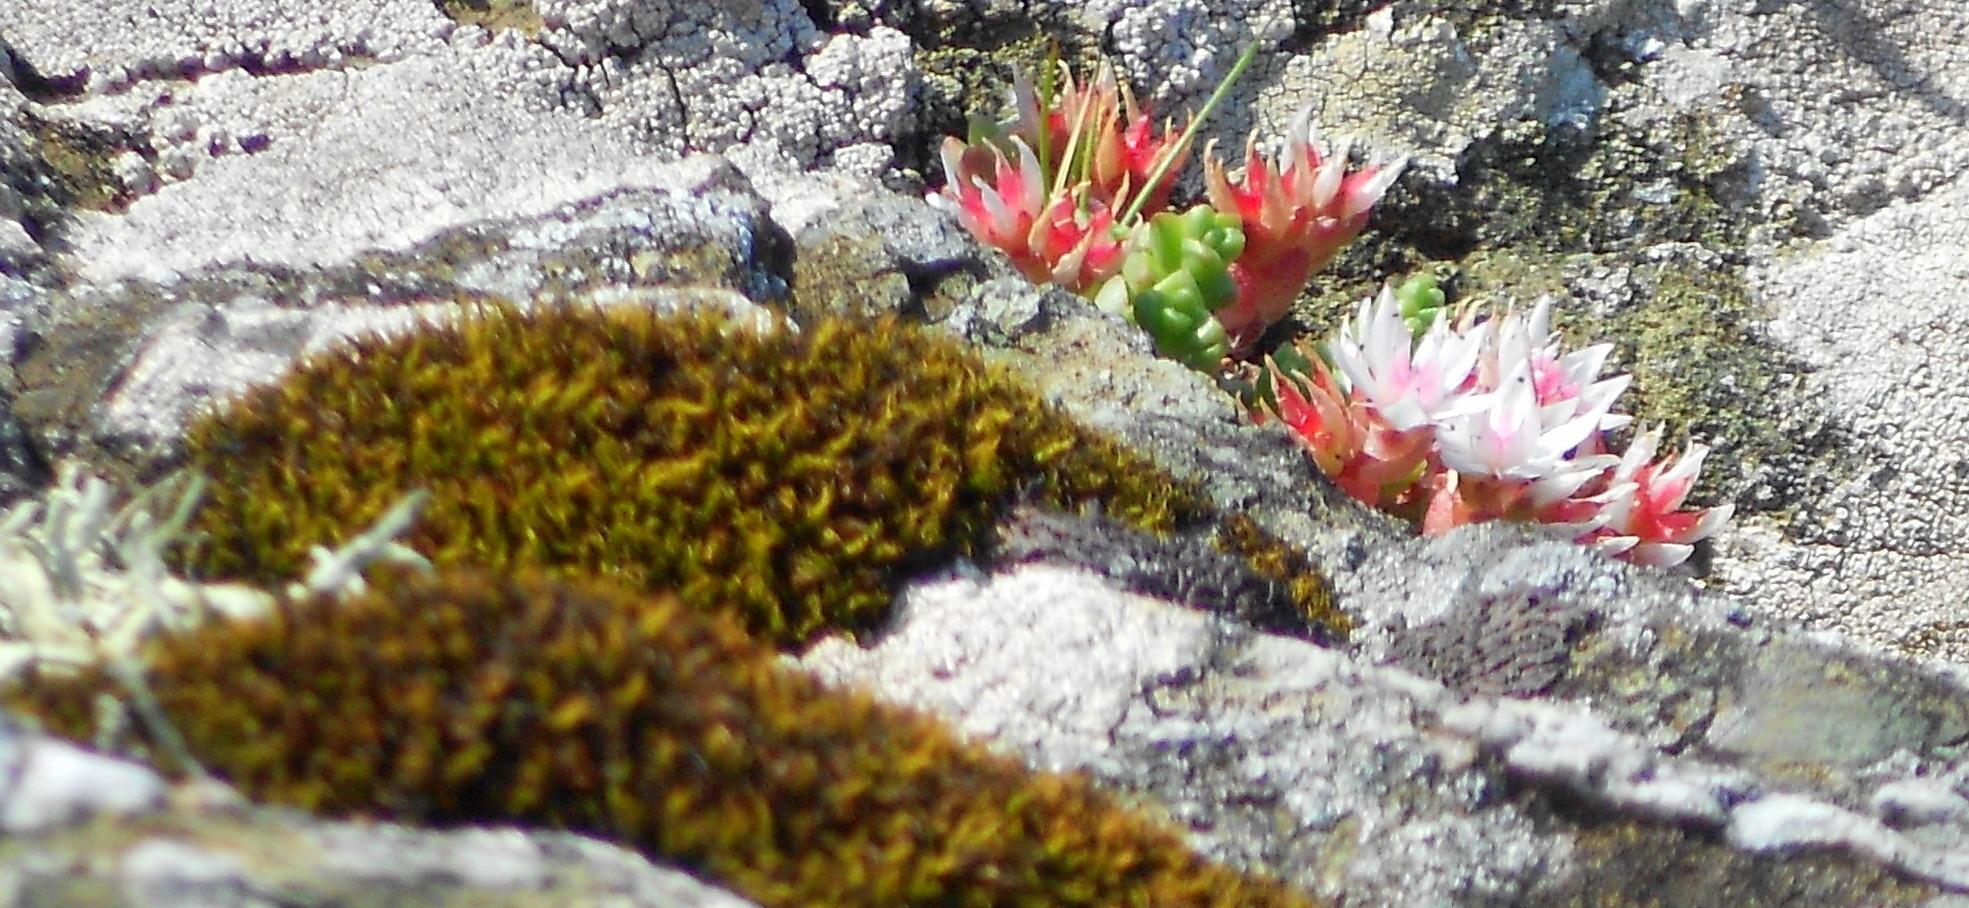 lichen blooming